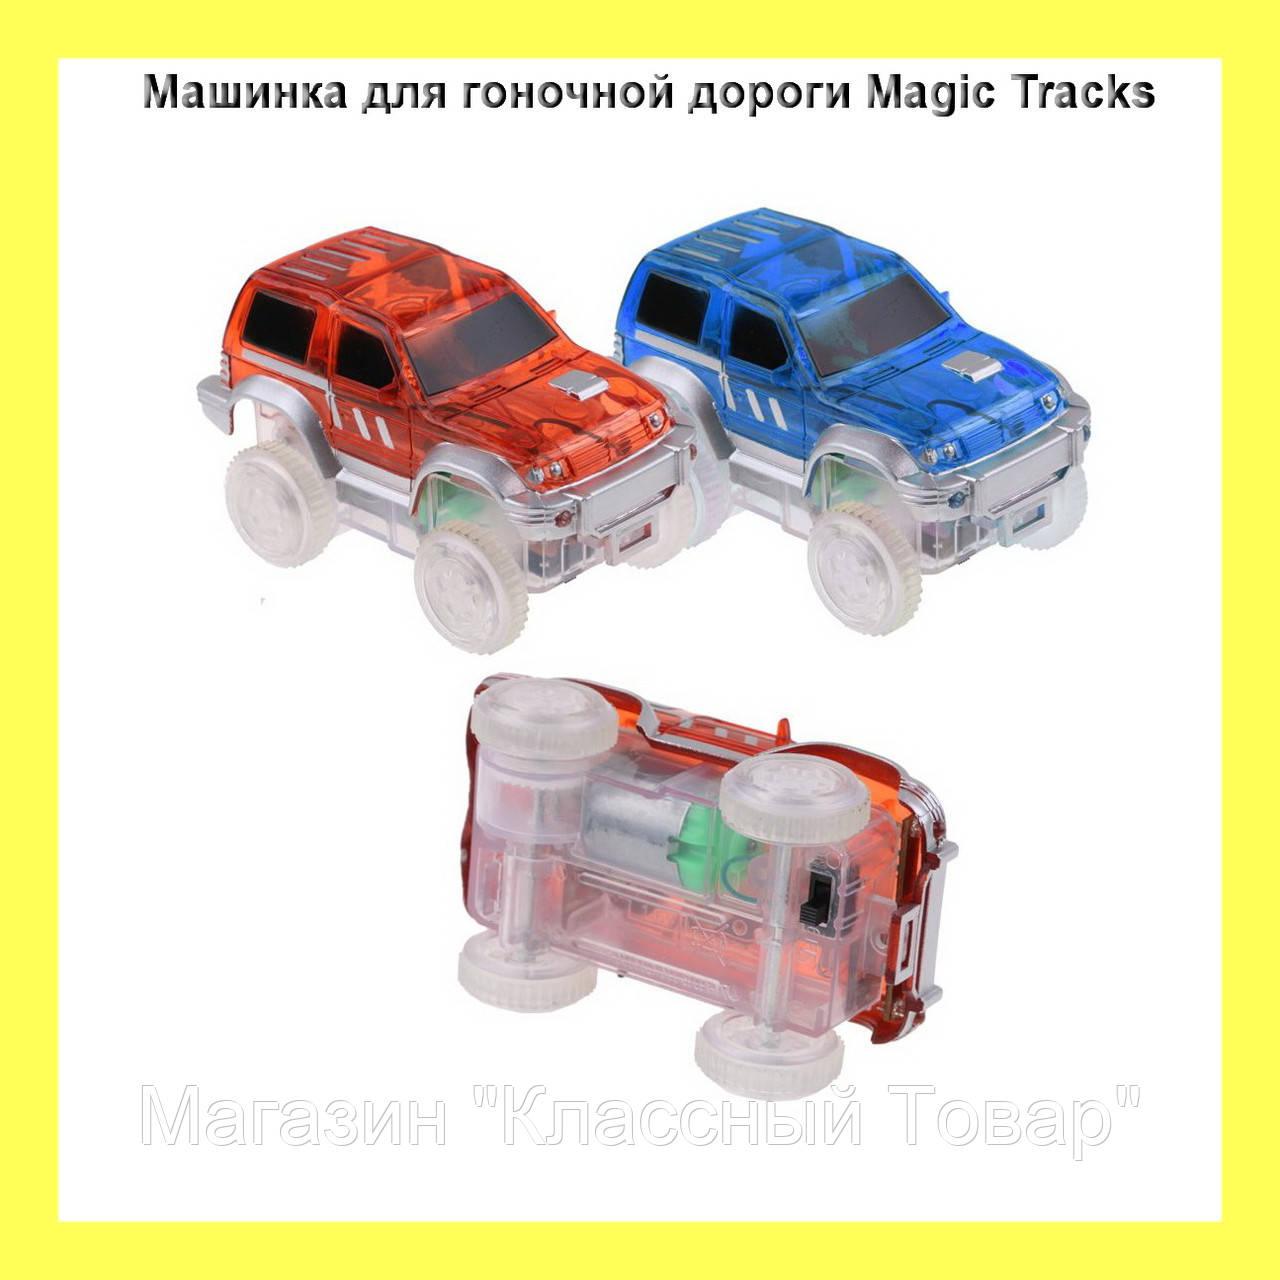 Машинка для гоночной дороги Magic Tracks! Лучший подарок